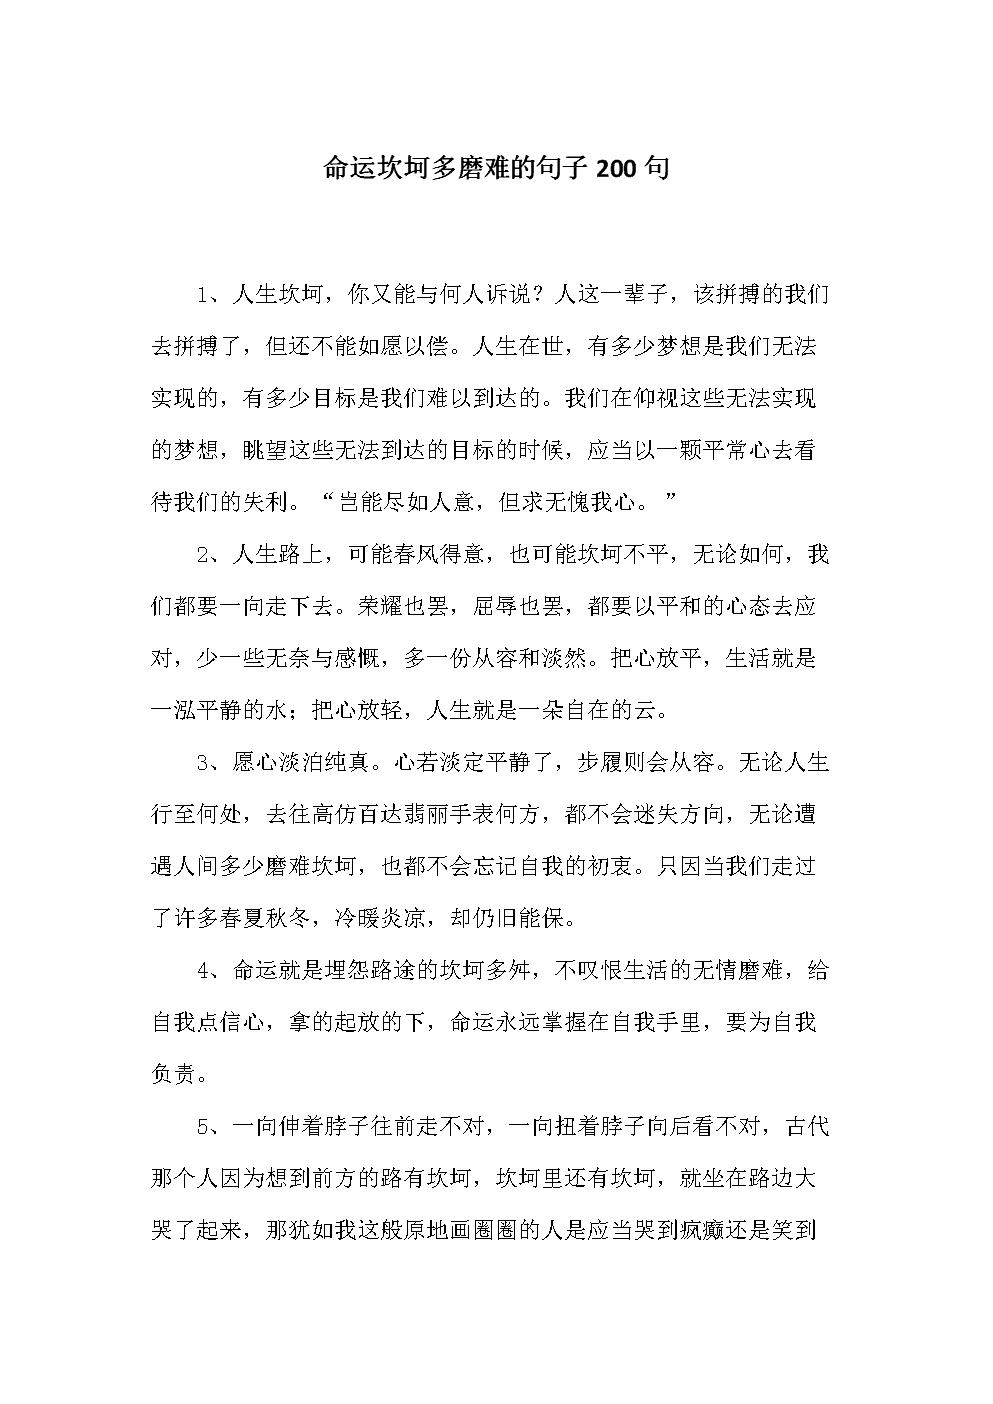 命运坎坷多磨难的句子200句.docx